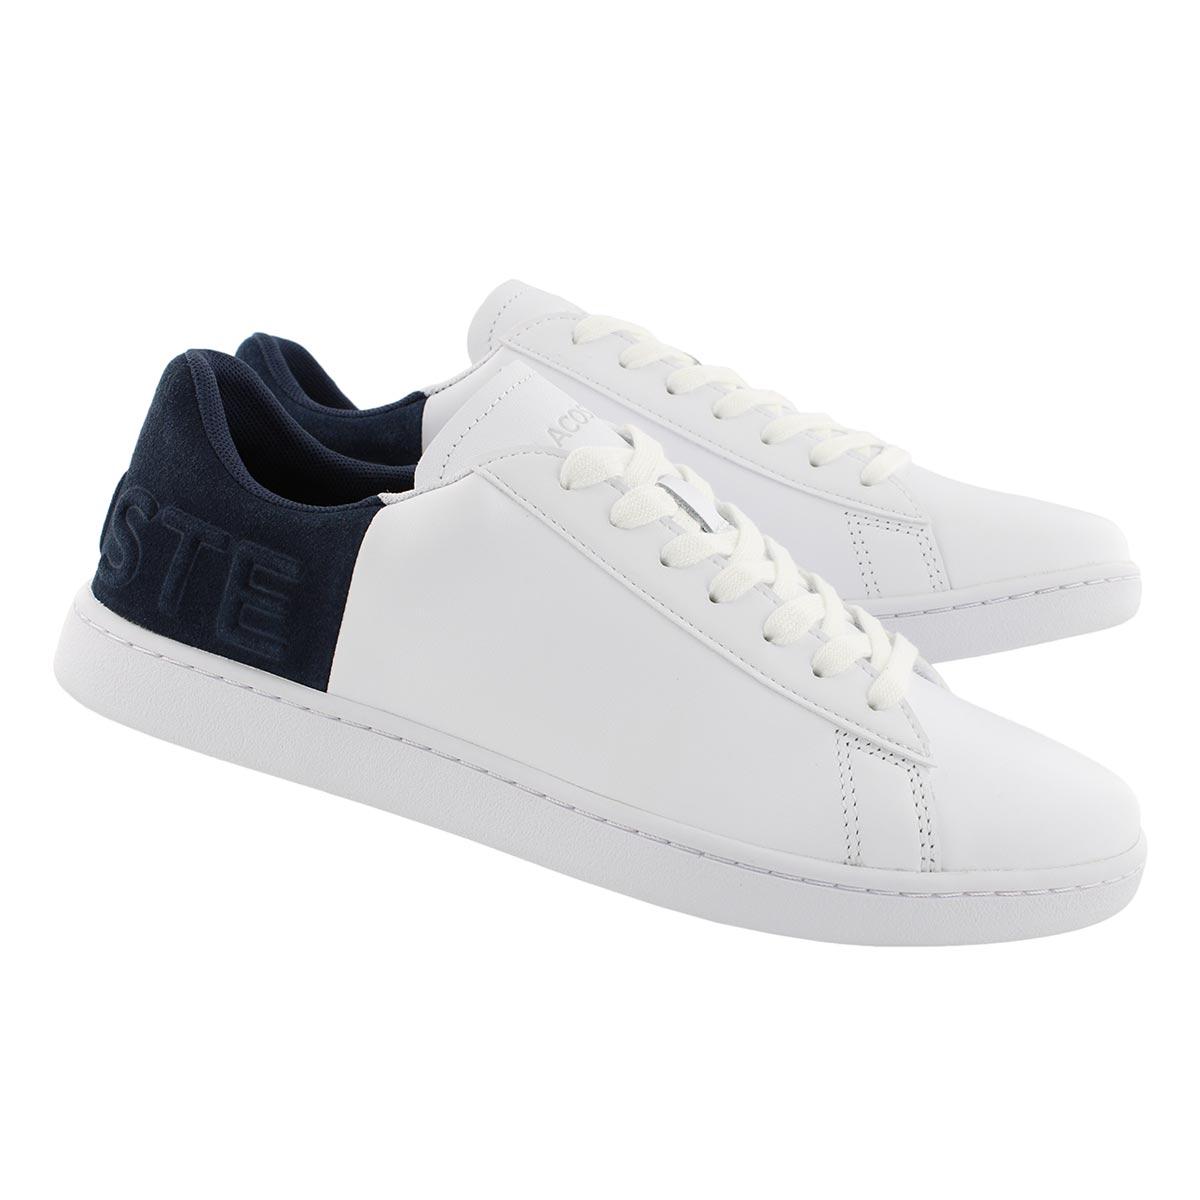 Lds CarnabyEVO318 wht/nvy slipon sneaker